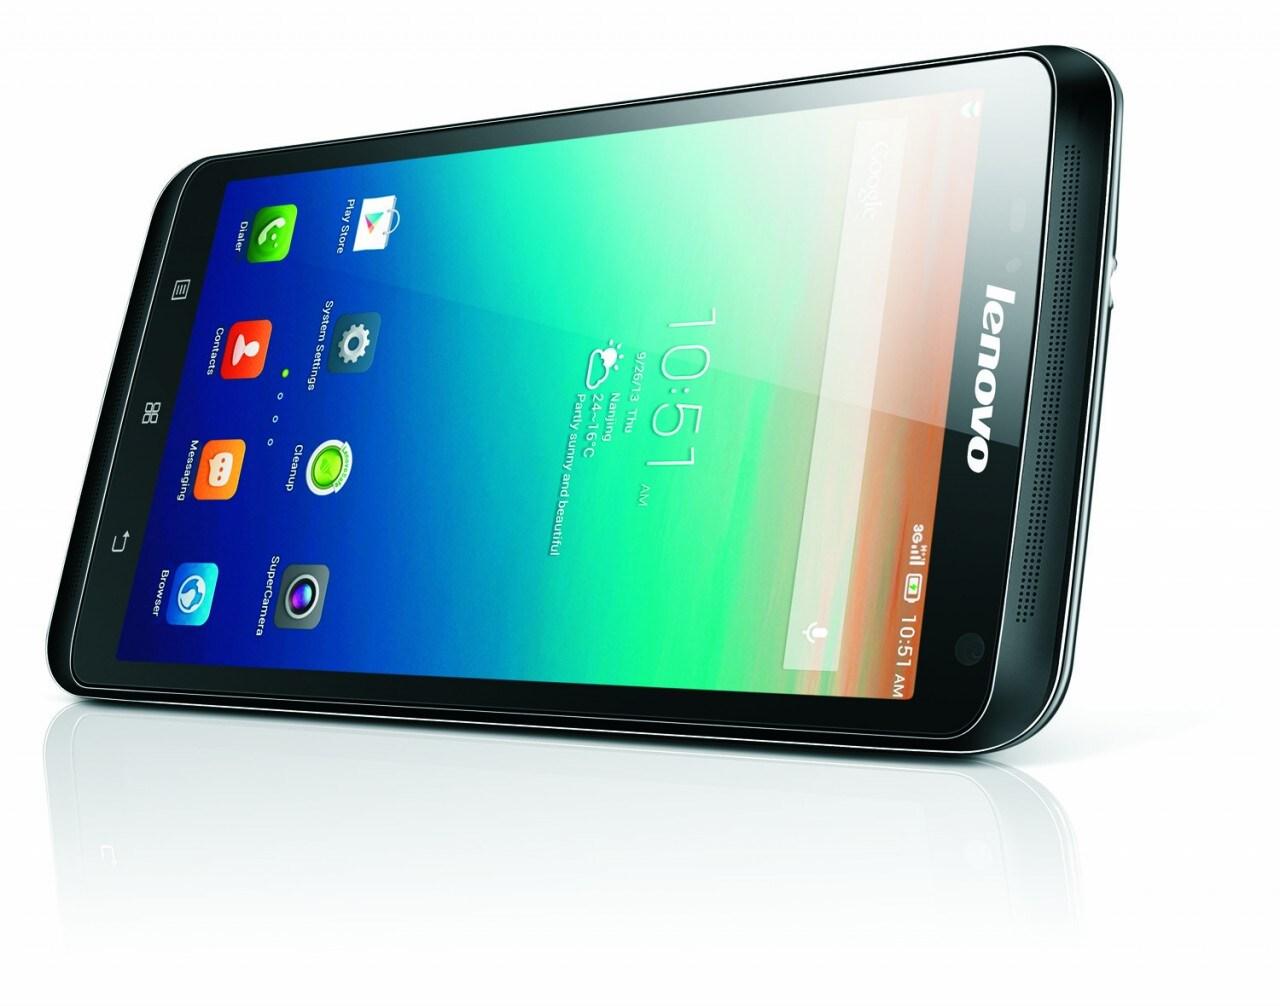 Lenovo S930, S650 e A859 ufficiali: tre nuovi smartphone dual-SIM da 6, 5, e 4,7 pollici (foto)